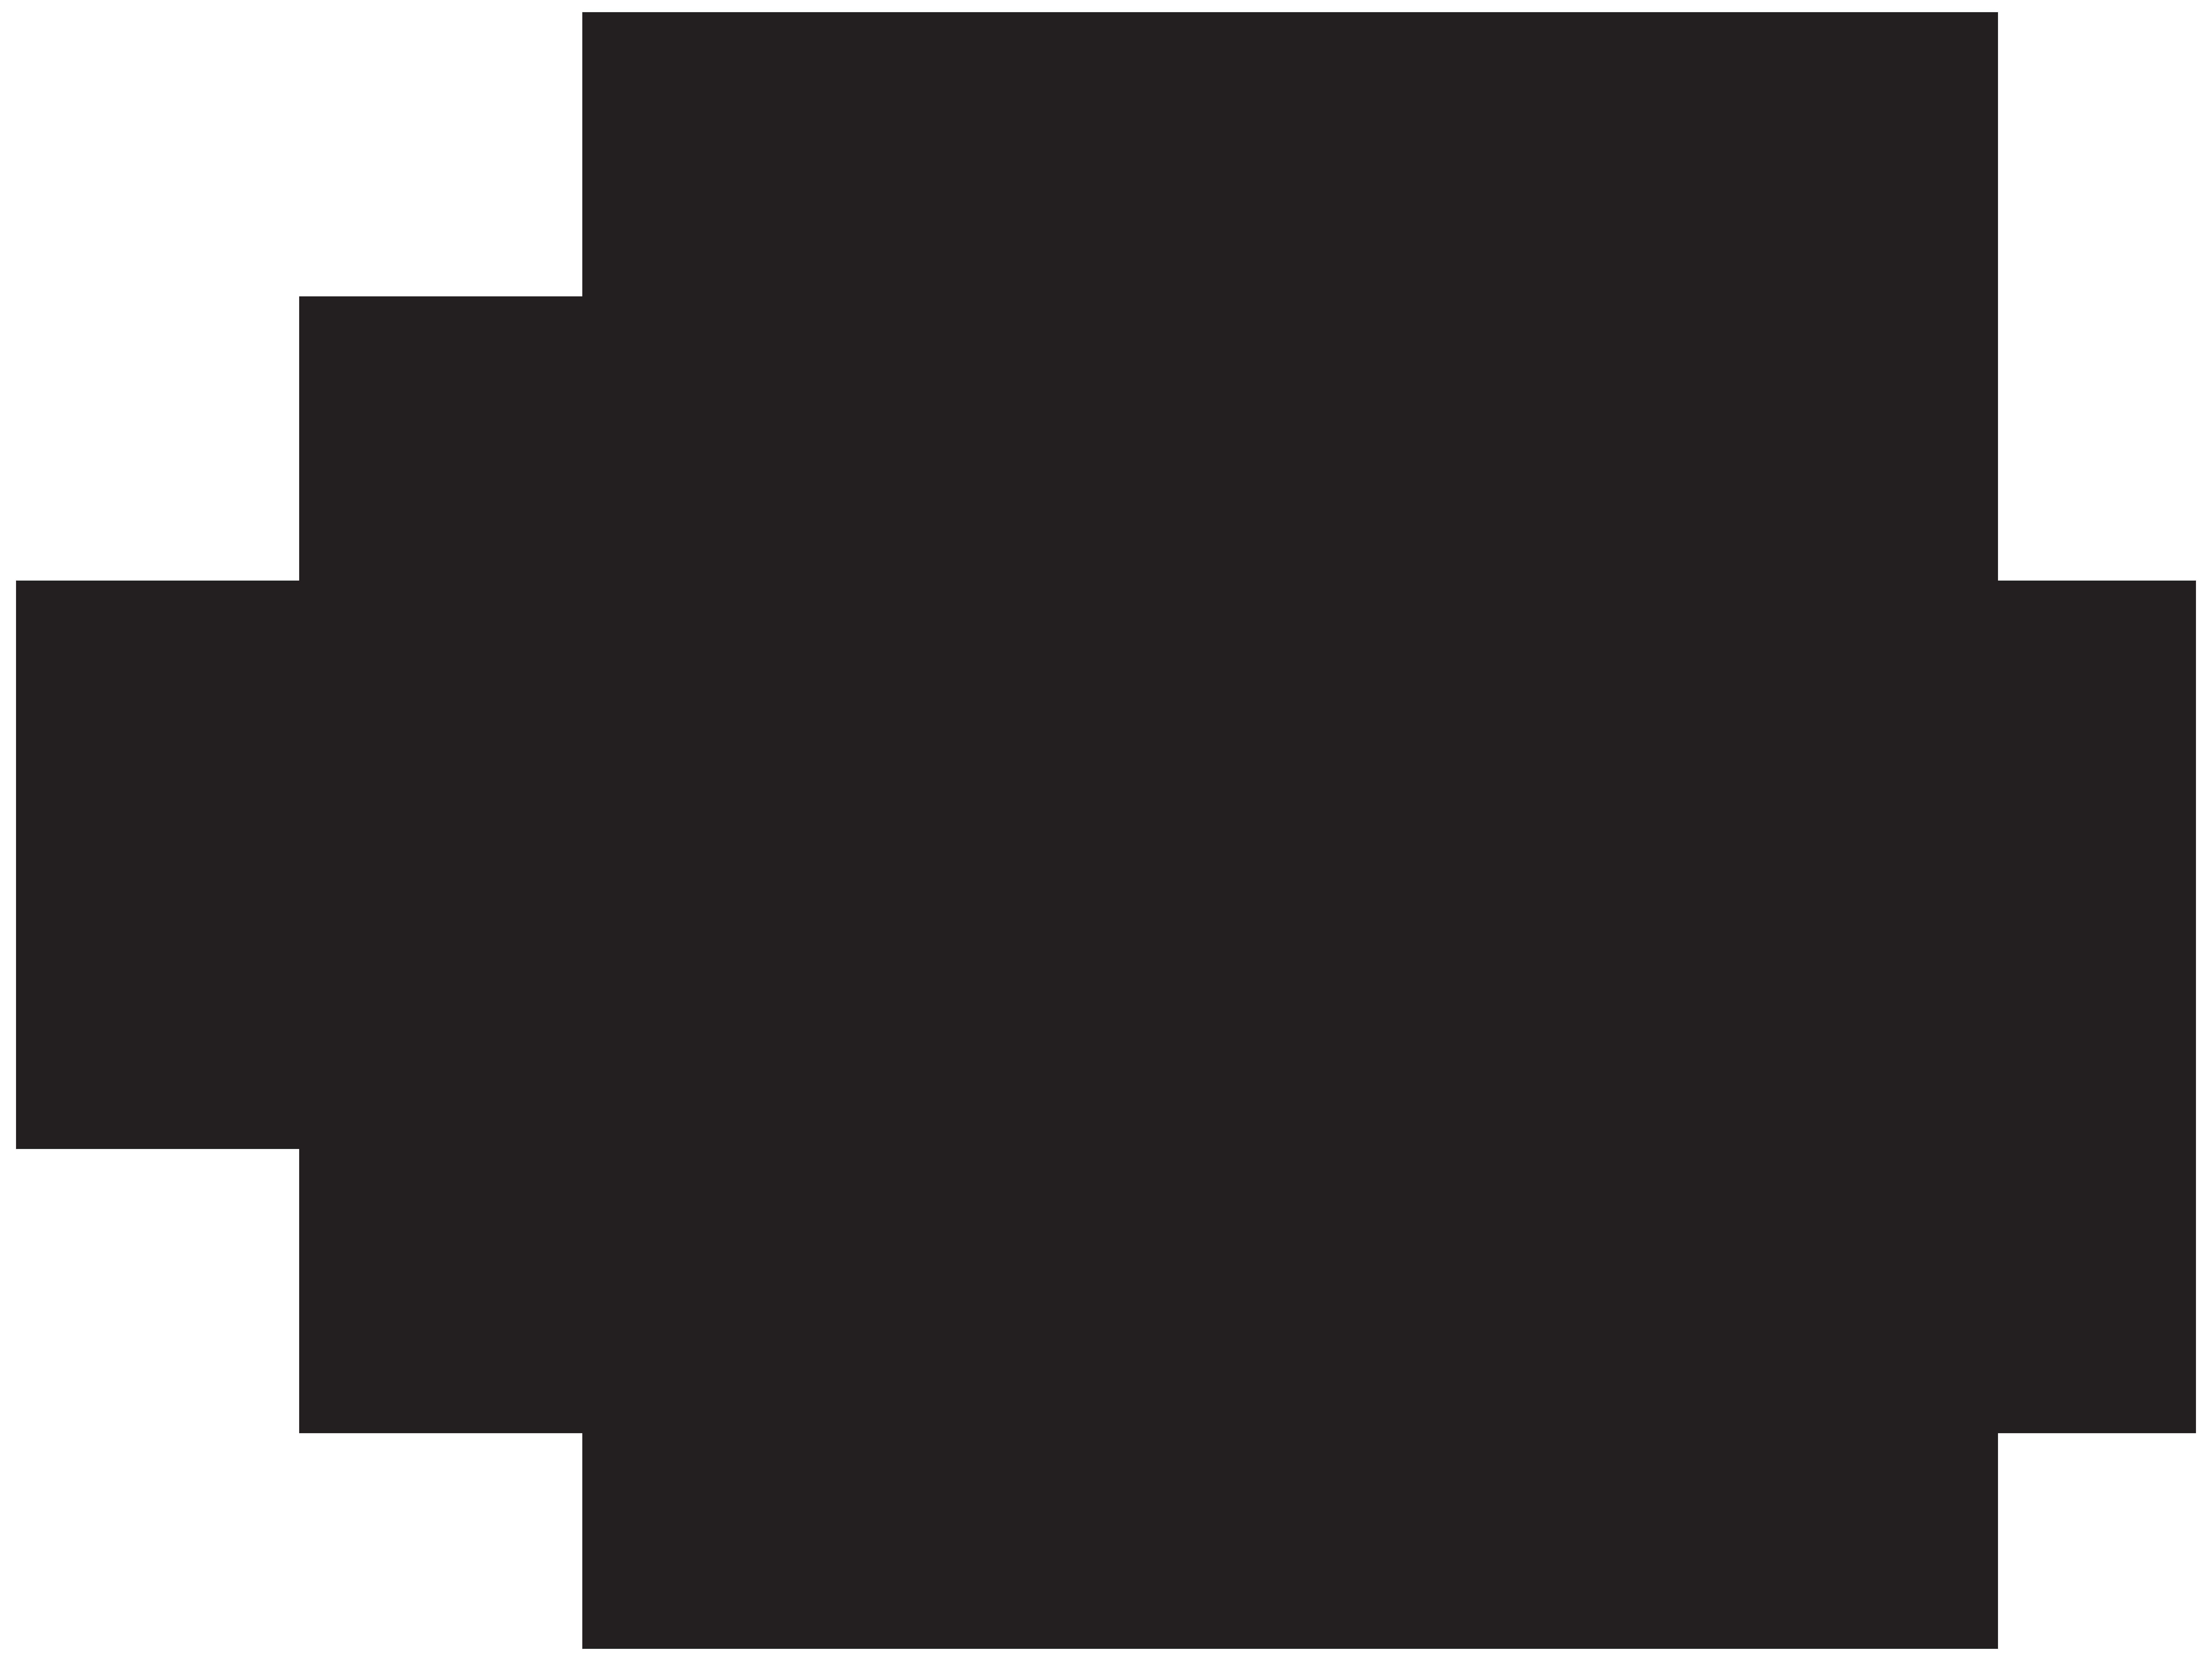 Silhouette Fish Clip art.